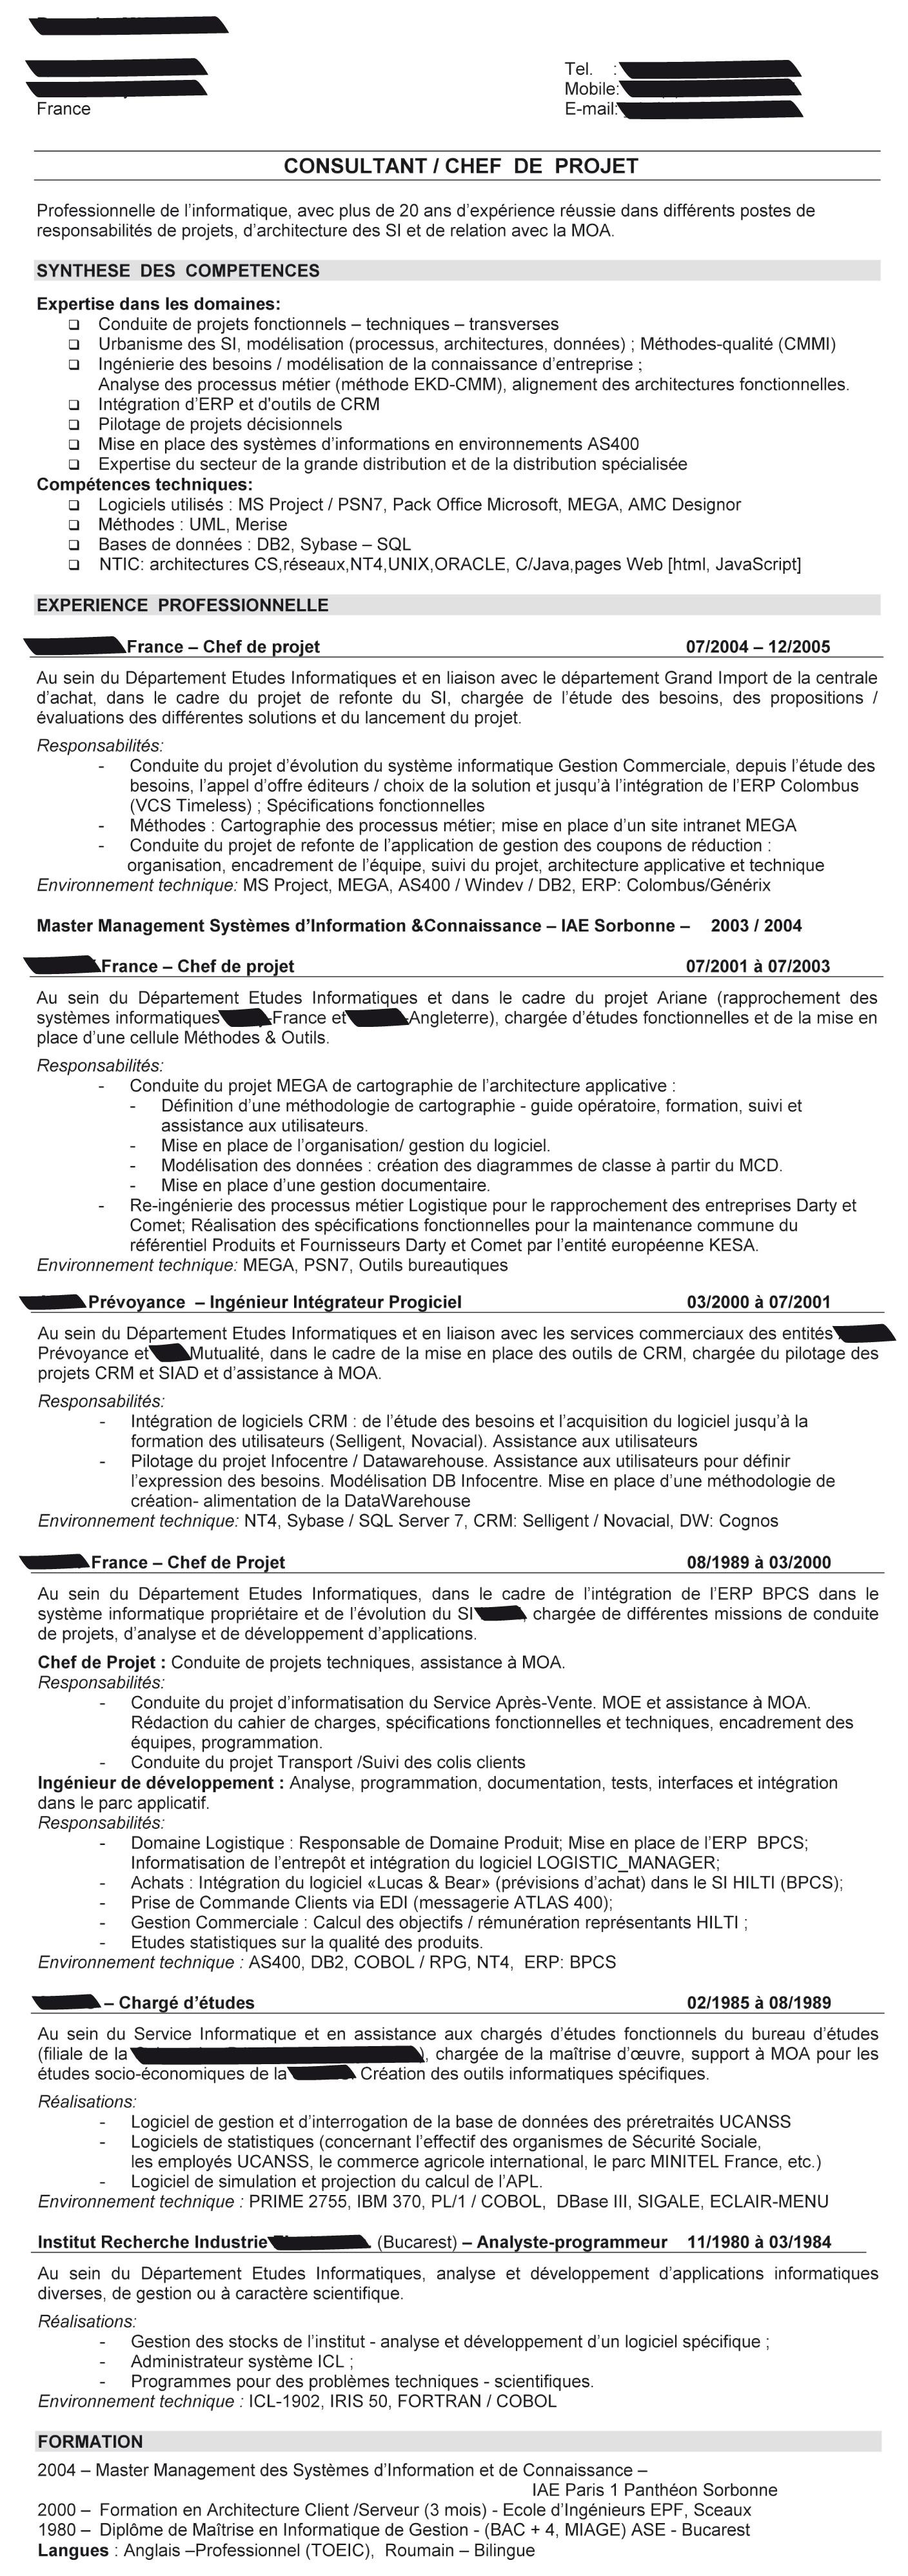 Cv Consultant Informatique Cadremploi